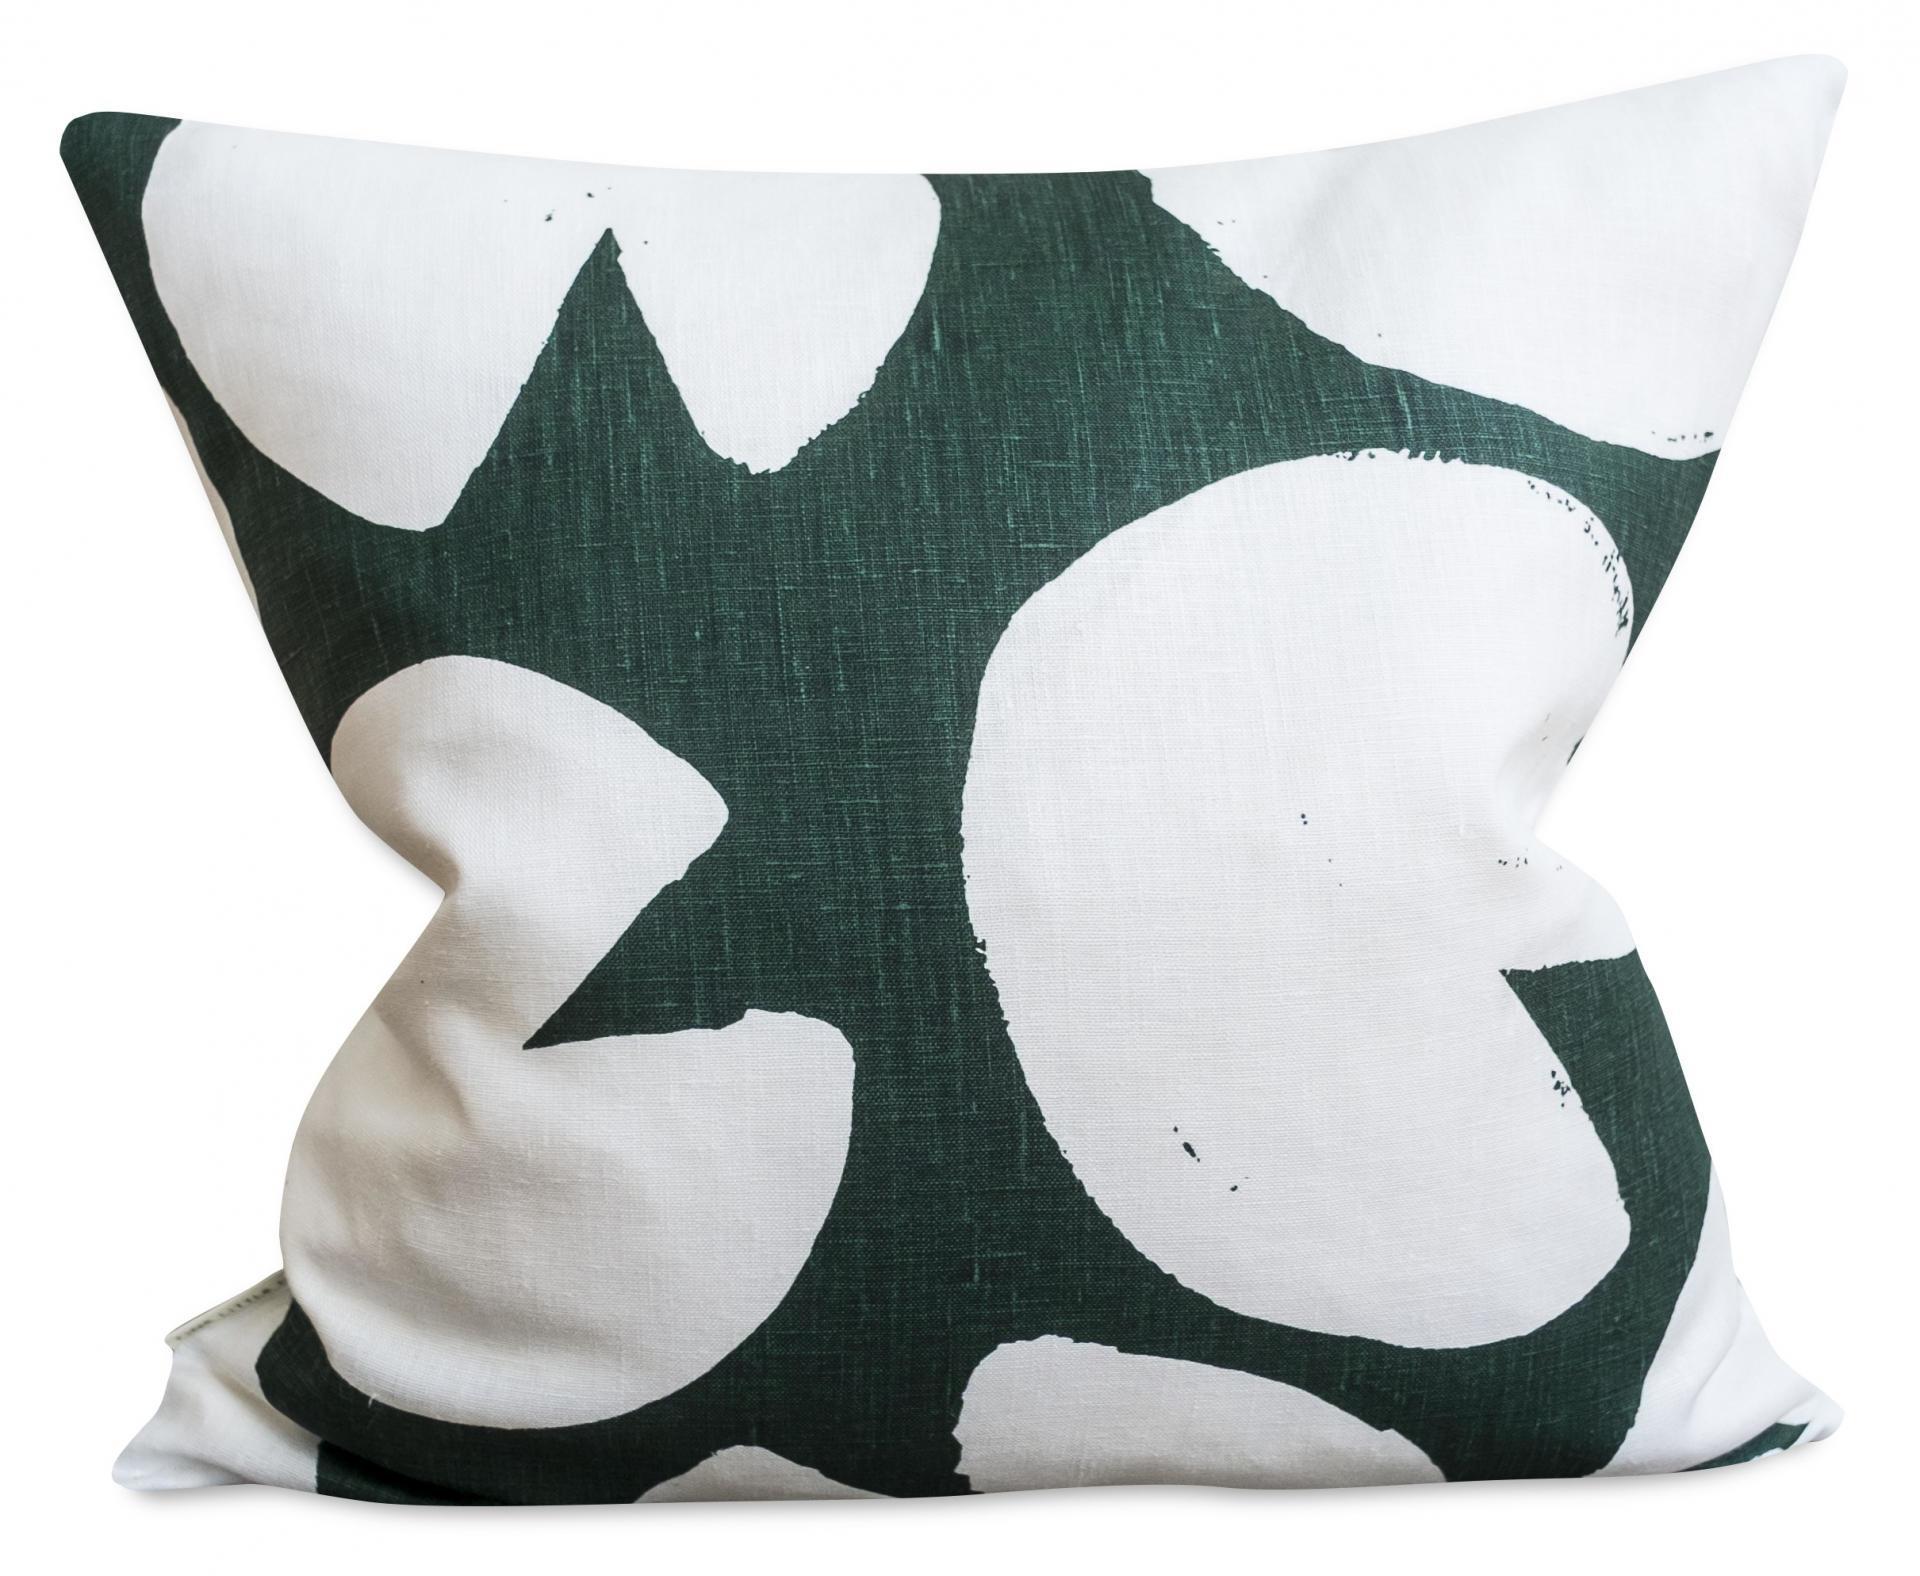 Fine Little Day Lněný povlak na polštář Water Lilies Green 50x50 cm, zelená barva, textil